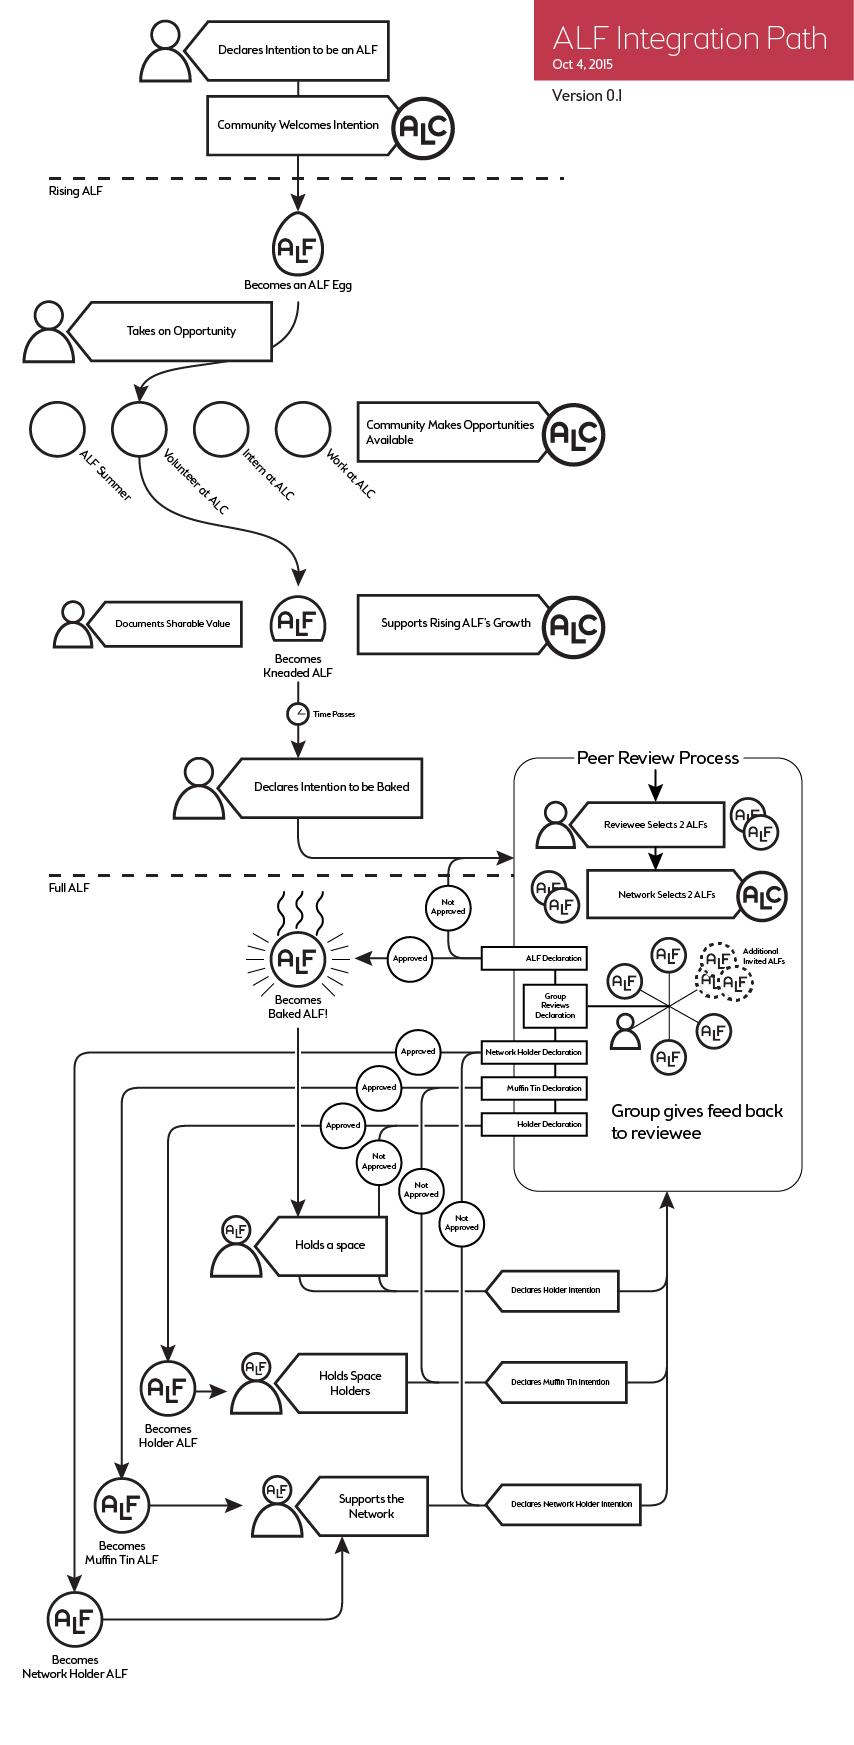 alf-membrane-flow_ALF-pathway-diagram